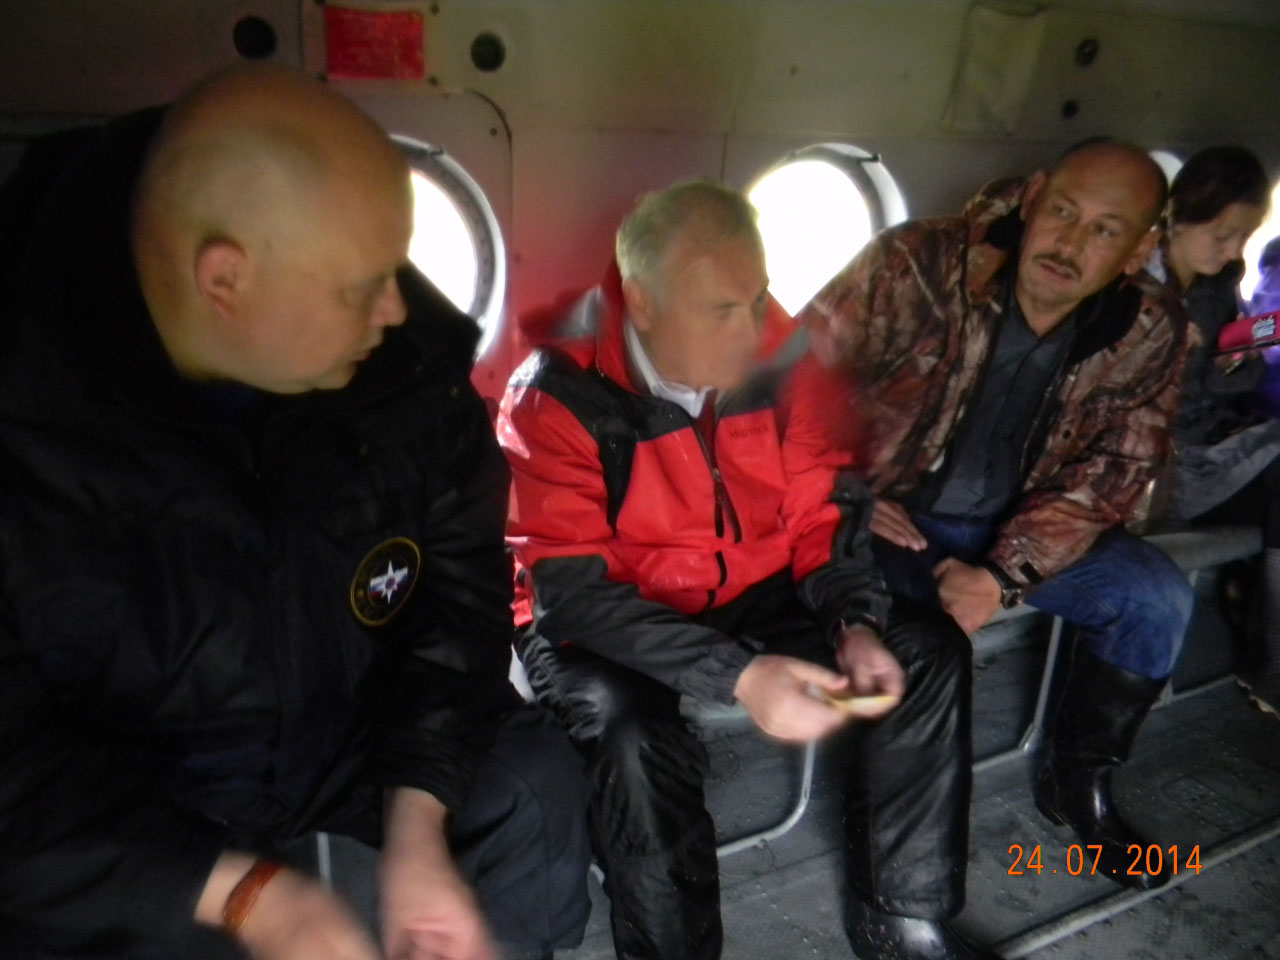 Губернатор магаданской области В. Печёный и зам Б. Журавлев.